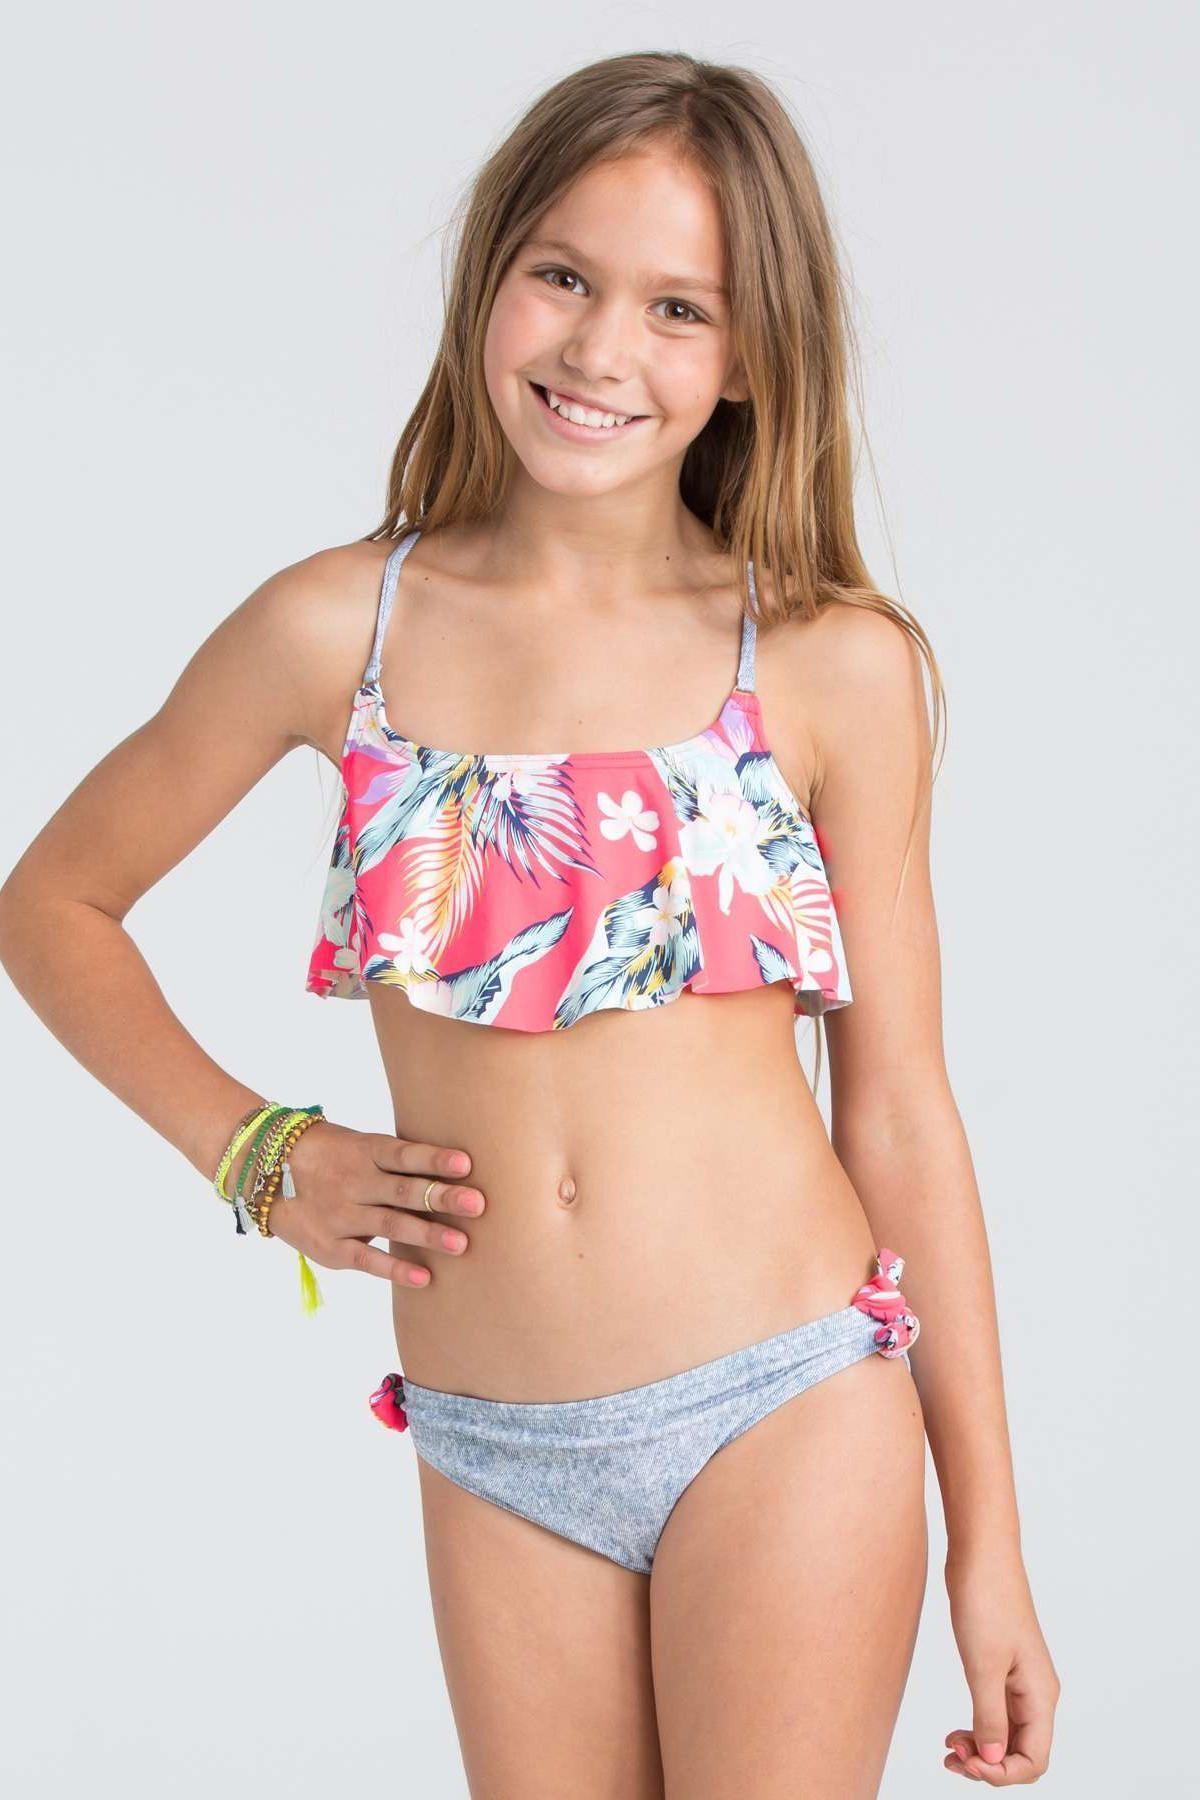 Uncle reccomend Billabong newport bikini